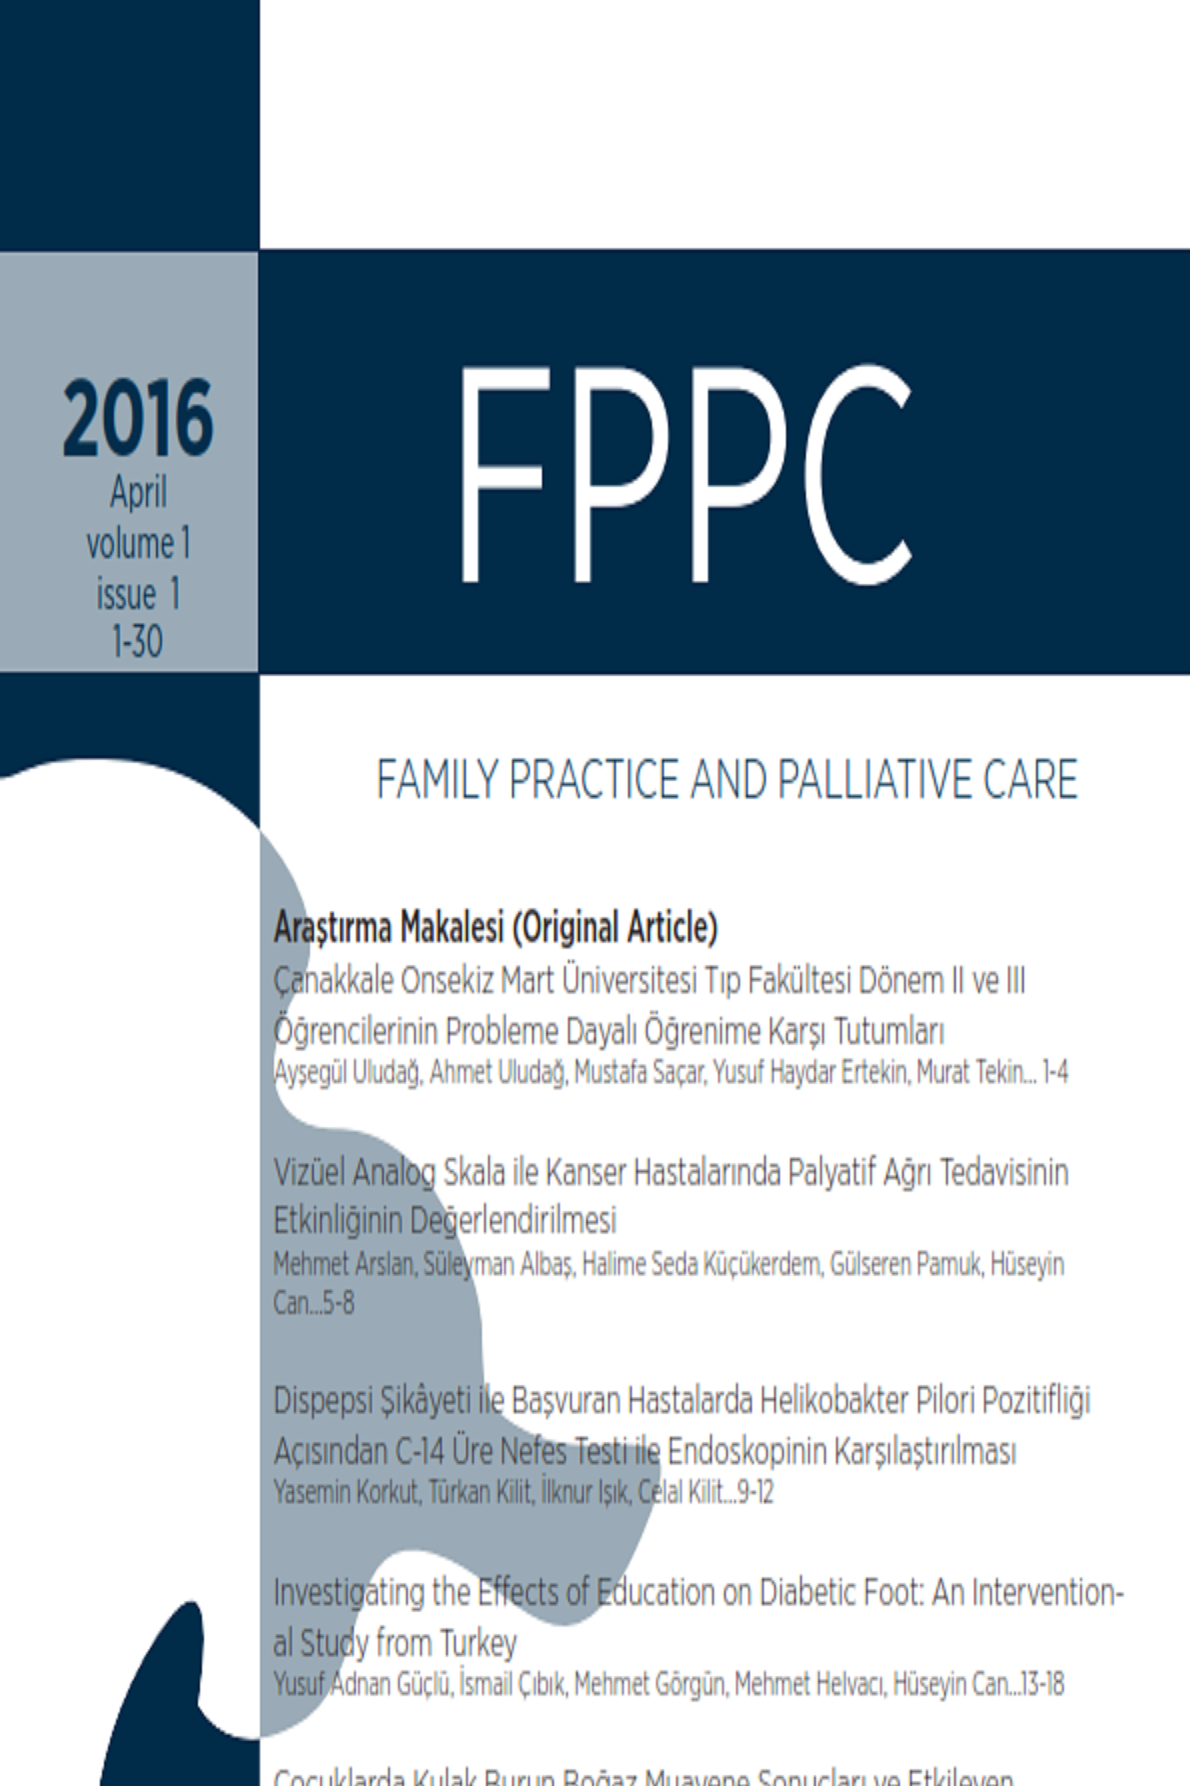 Aile Hekimliği ve Palyatif Bakım